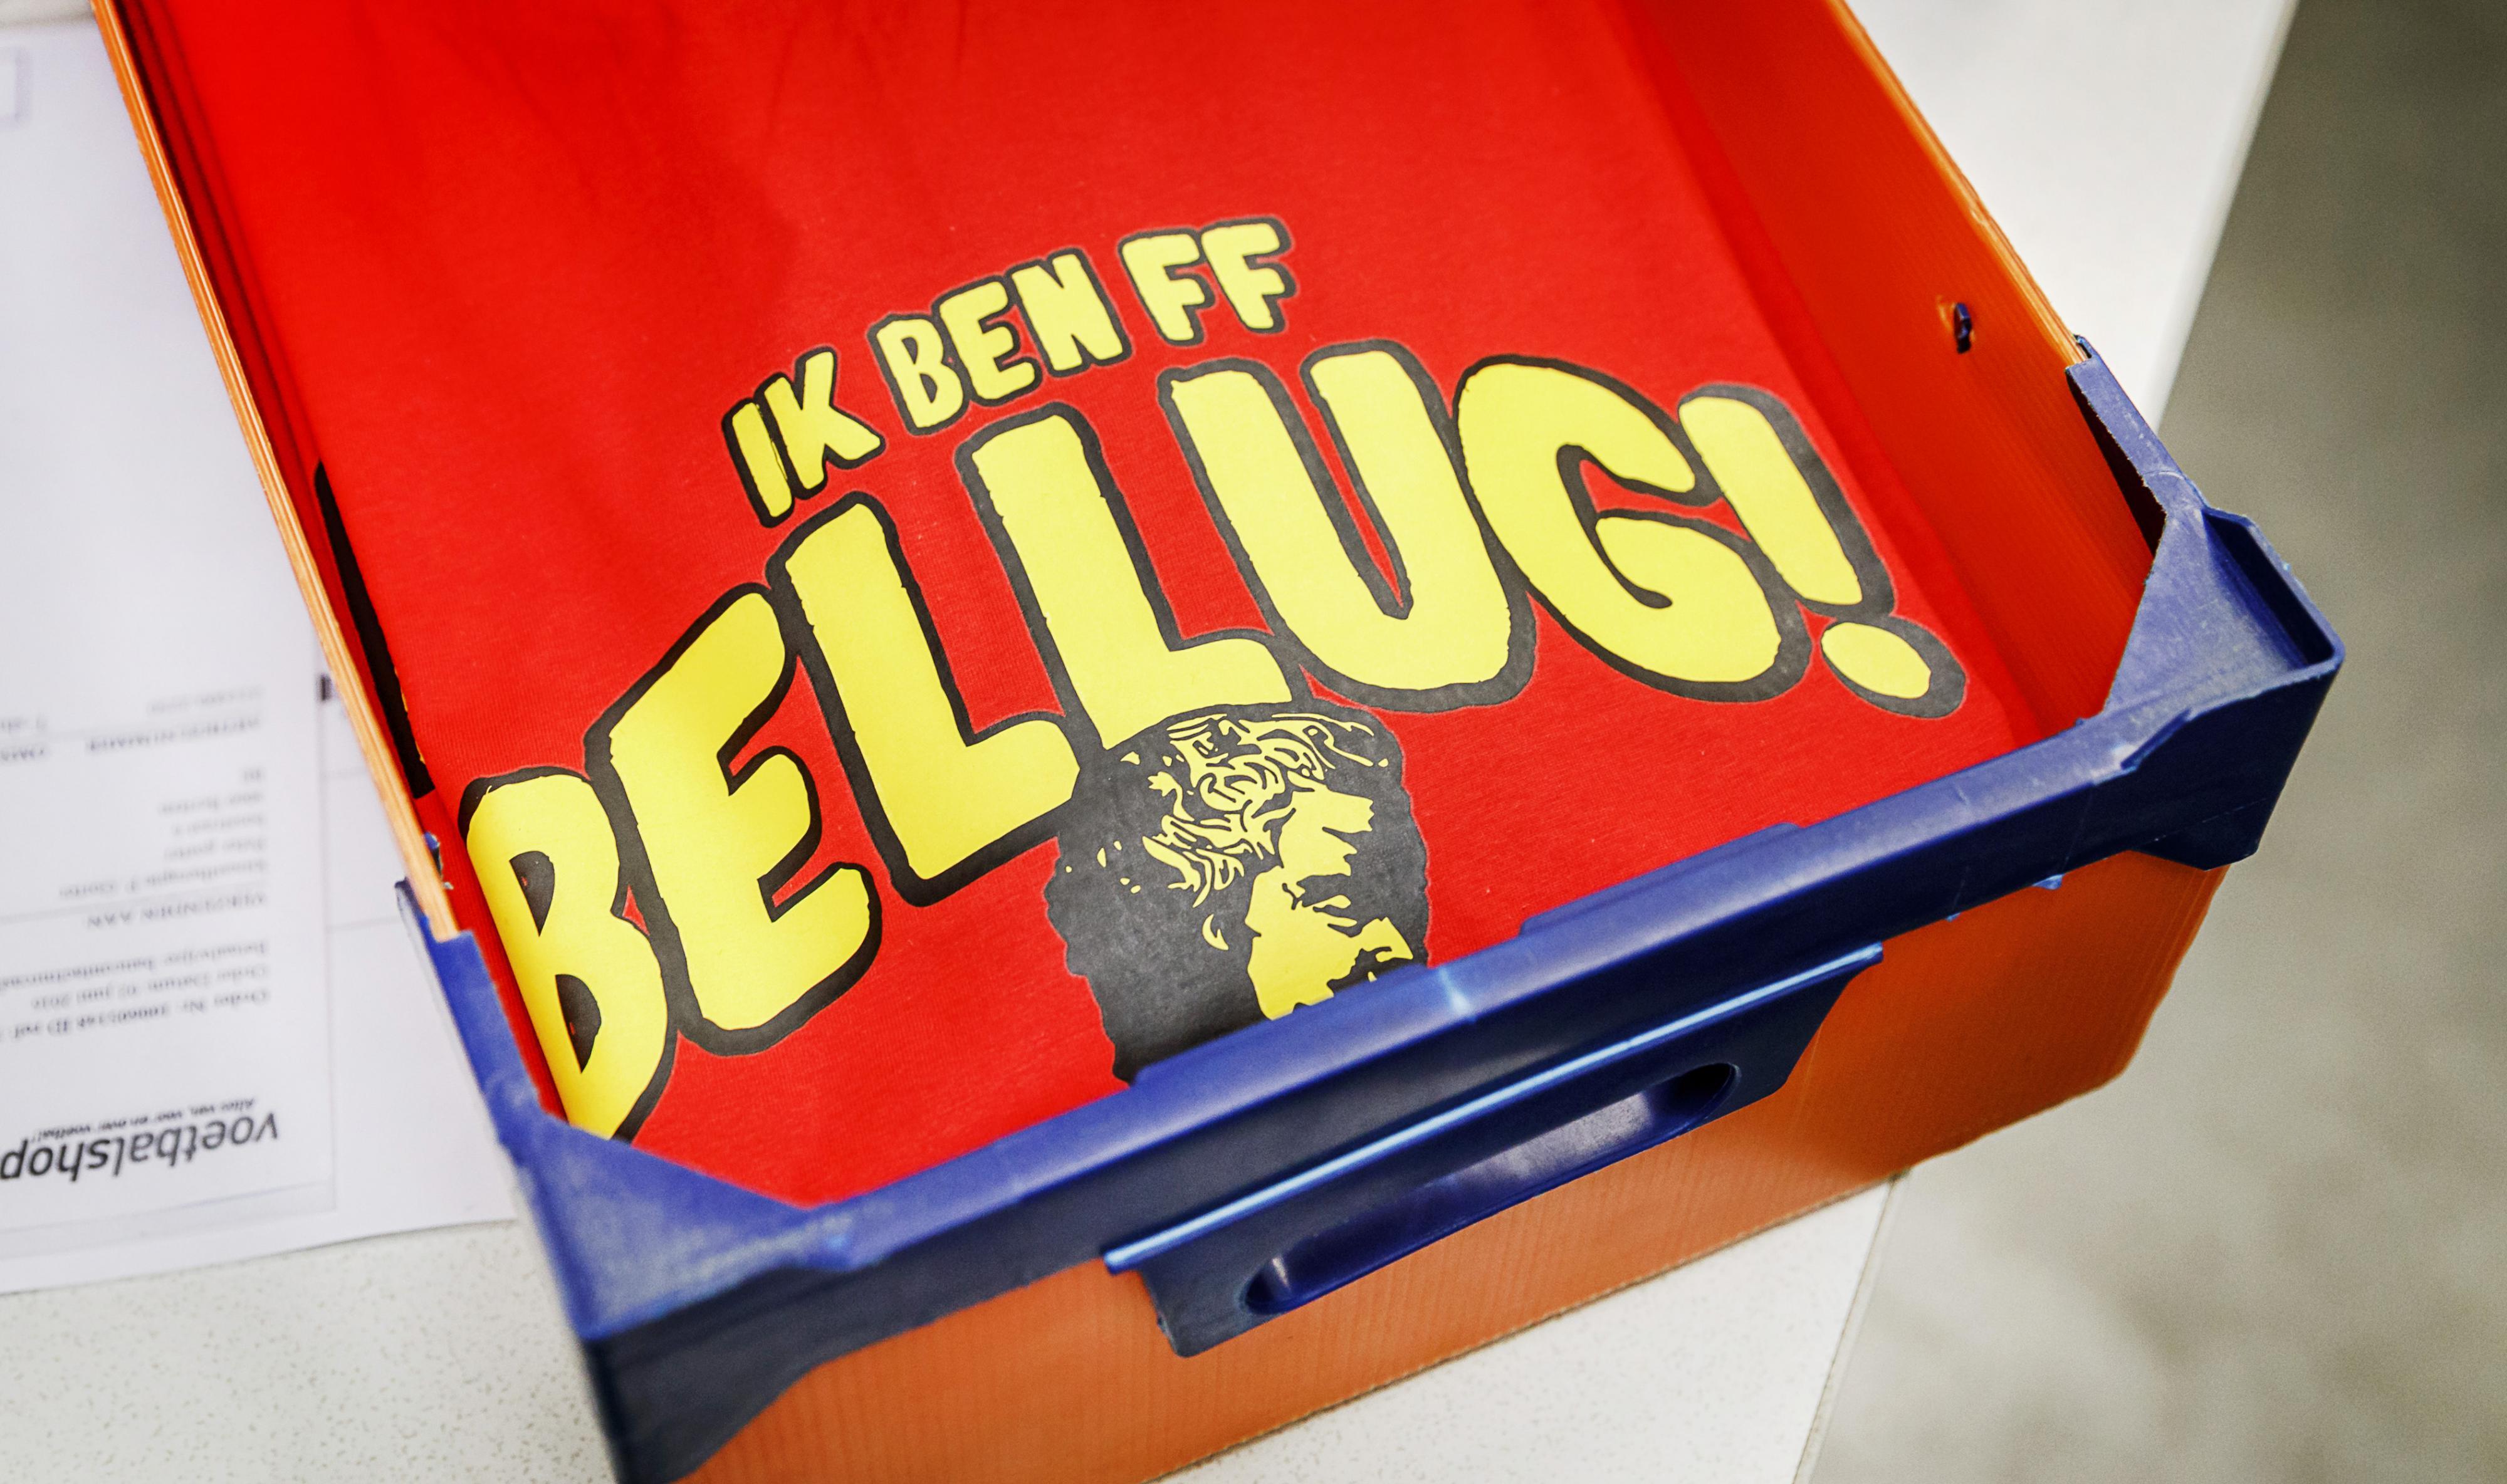 T-shirts met 'Ik ben ff Bellug' worden geproduceerd bij Voetbalshop.nl vlak voor de start van het Europees kampioenschap voetbal in Frankrijk. / ANP